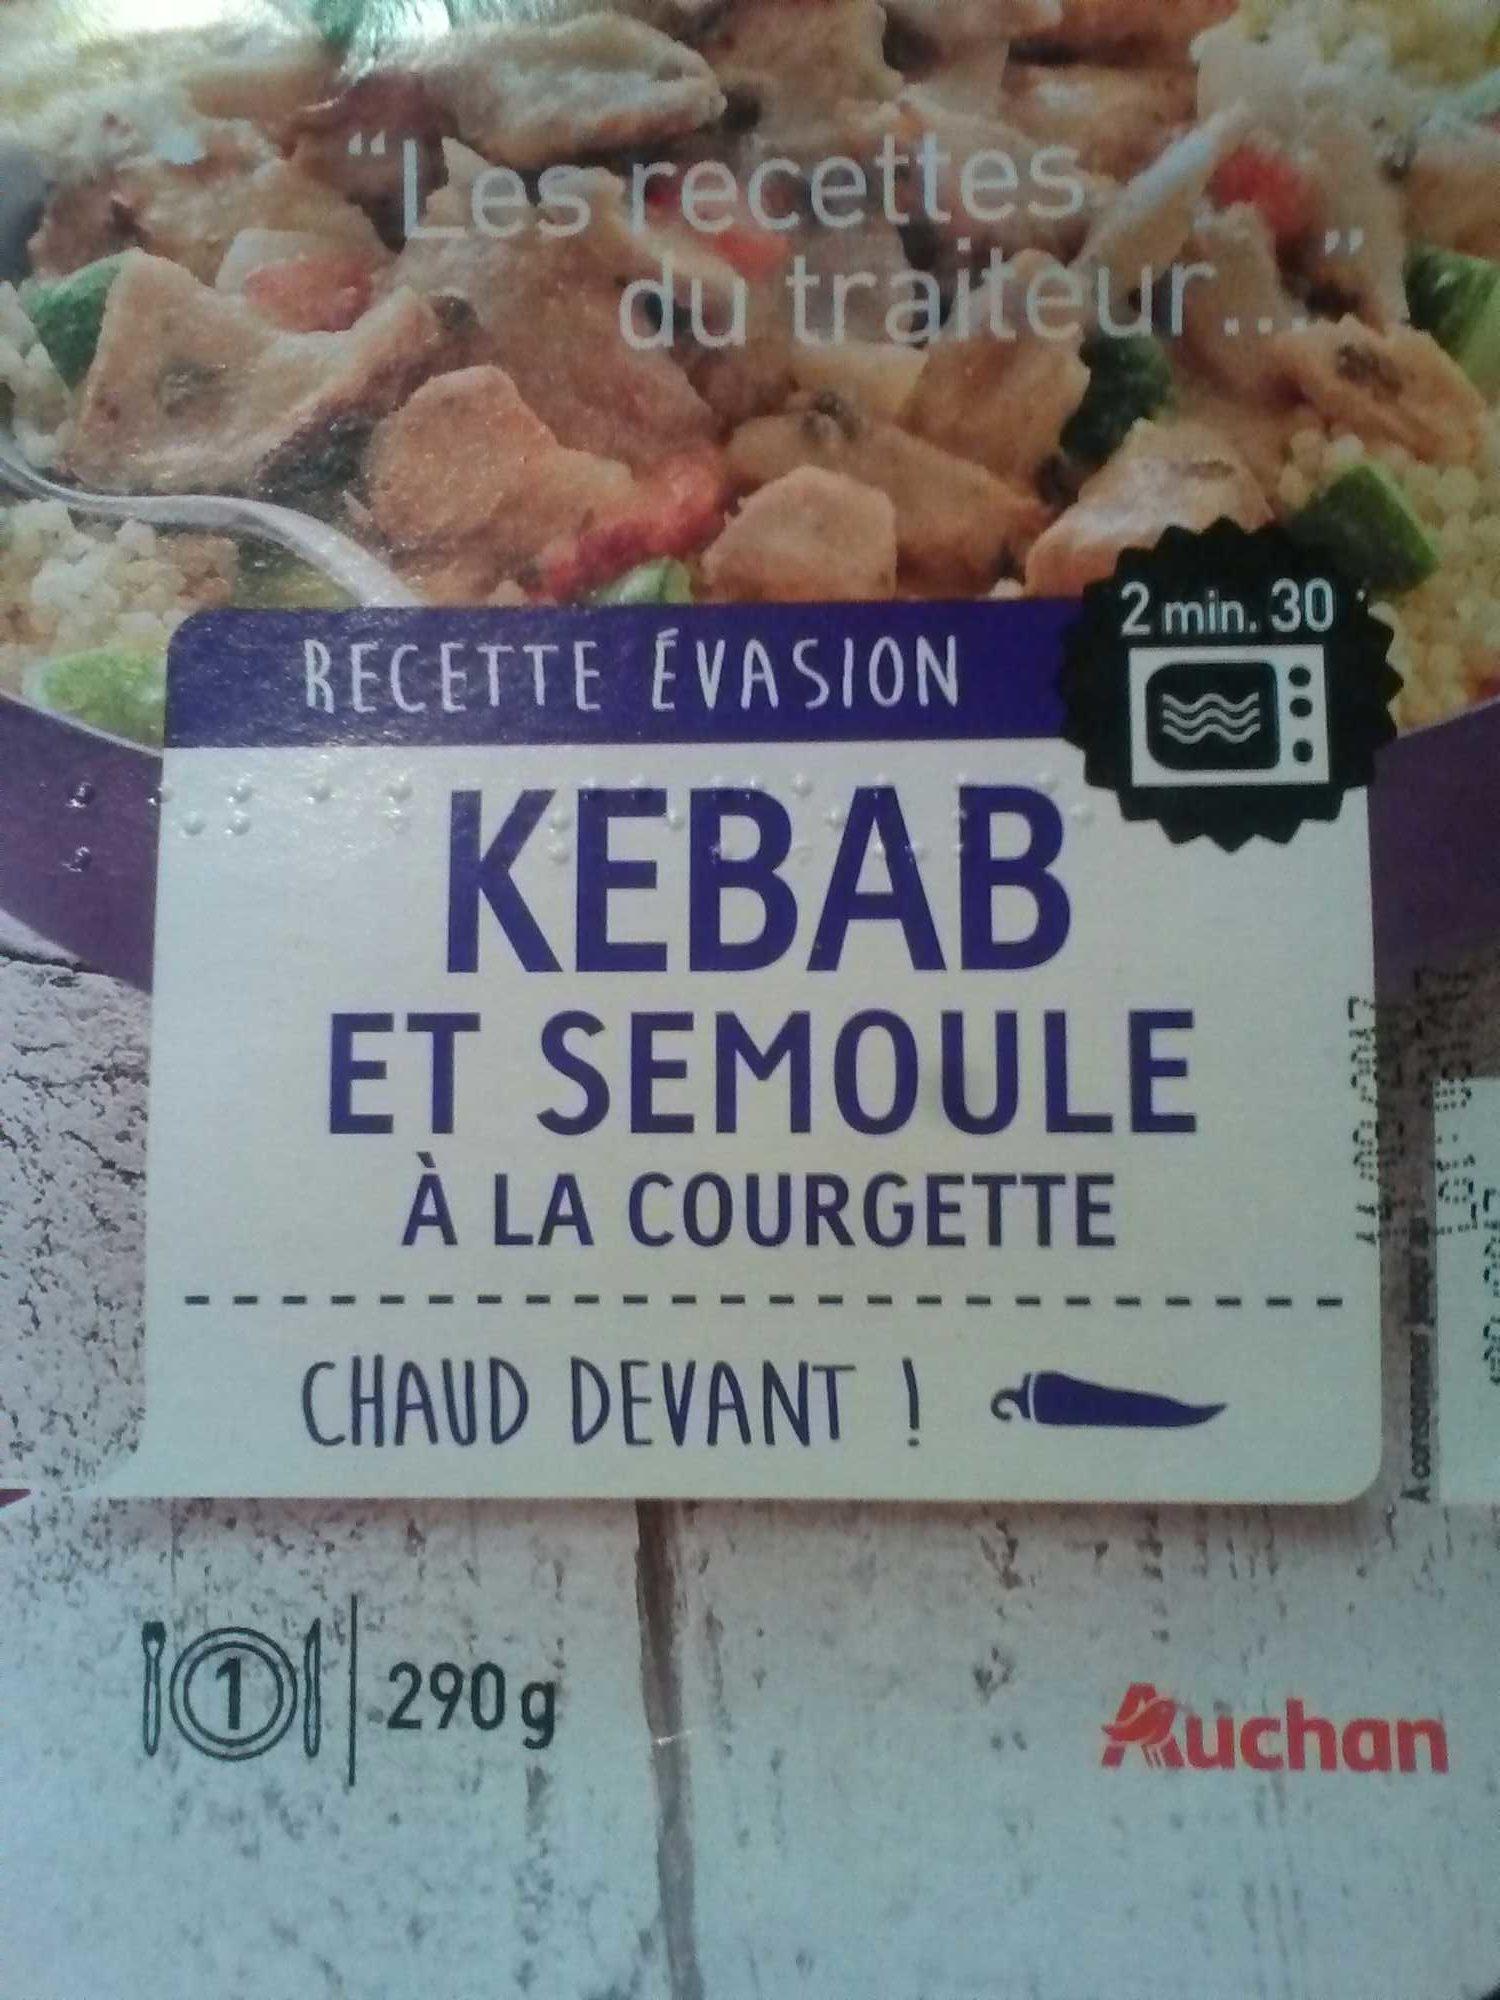 Kebab et semoule à la courgette - Produit - fr